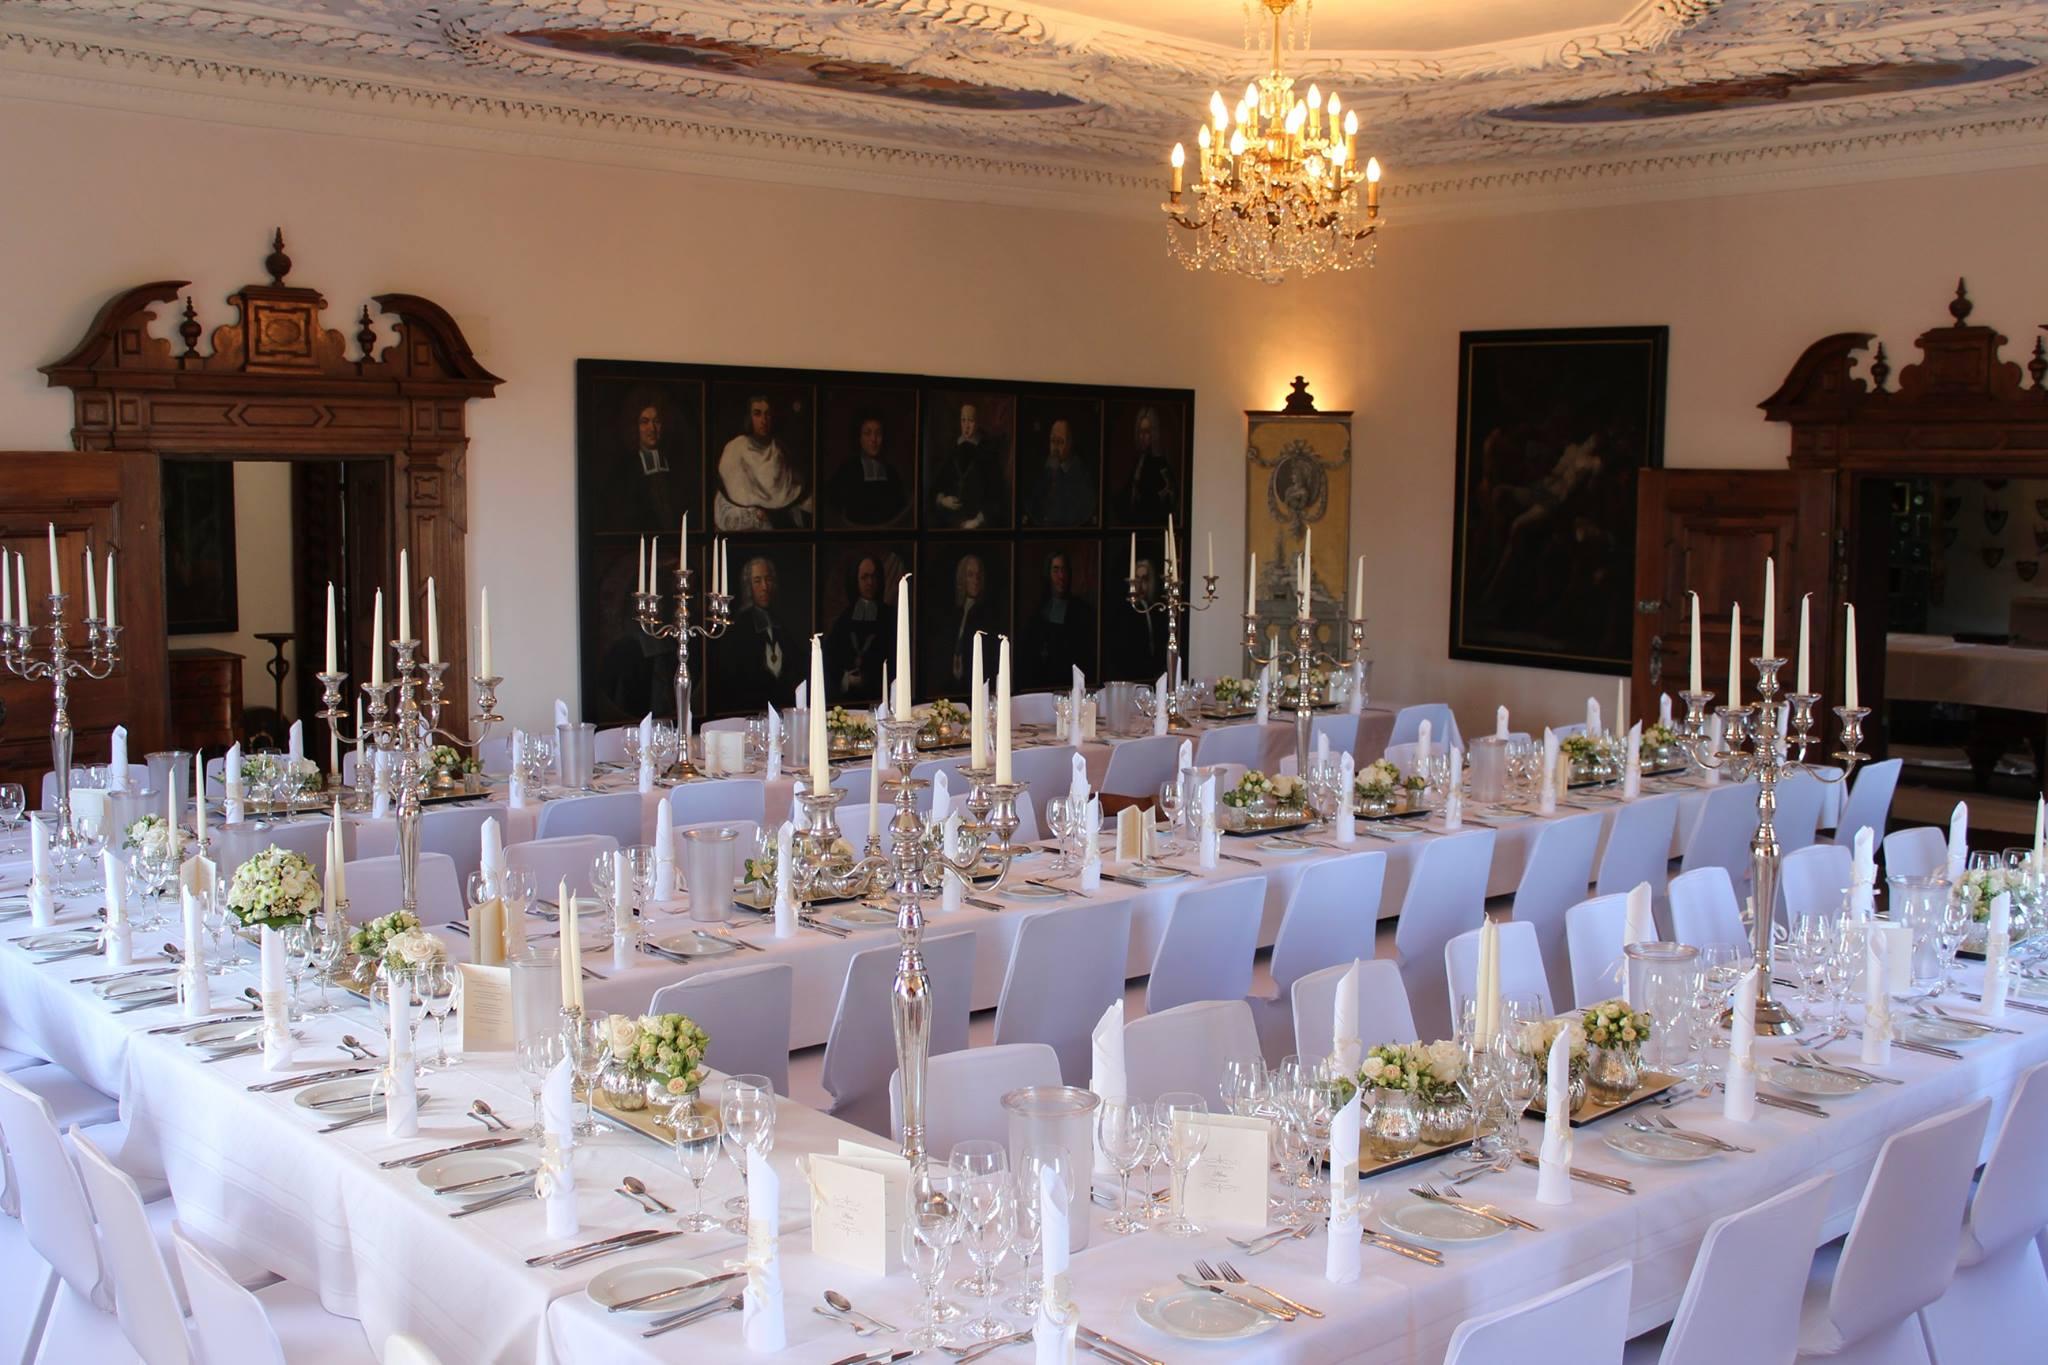 Deutschmeistersaal_SchlossKronburg_Hochzeitstafel.JPG